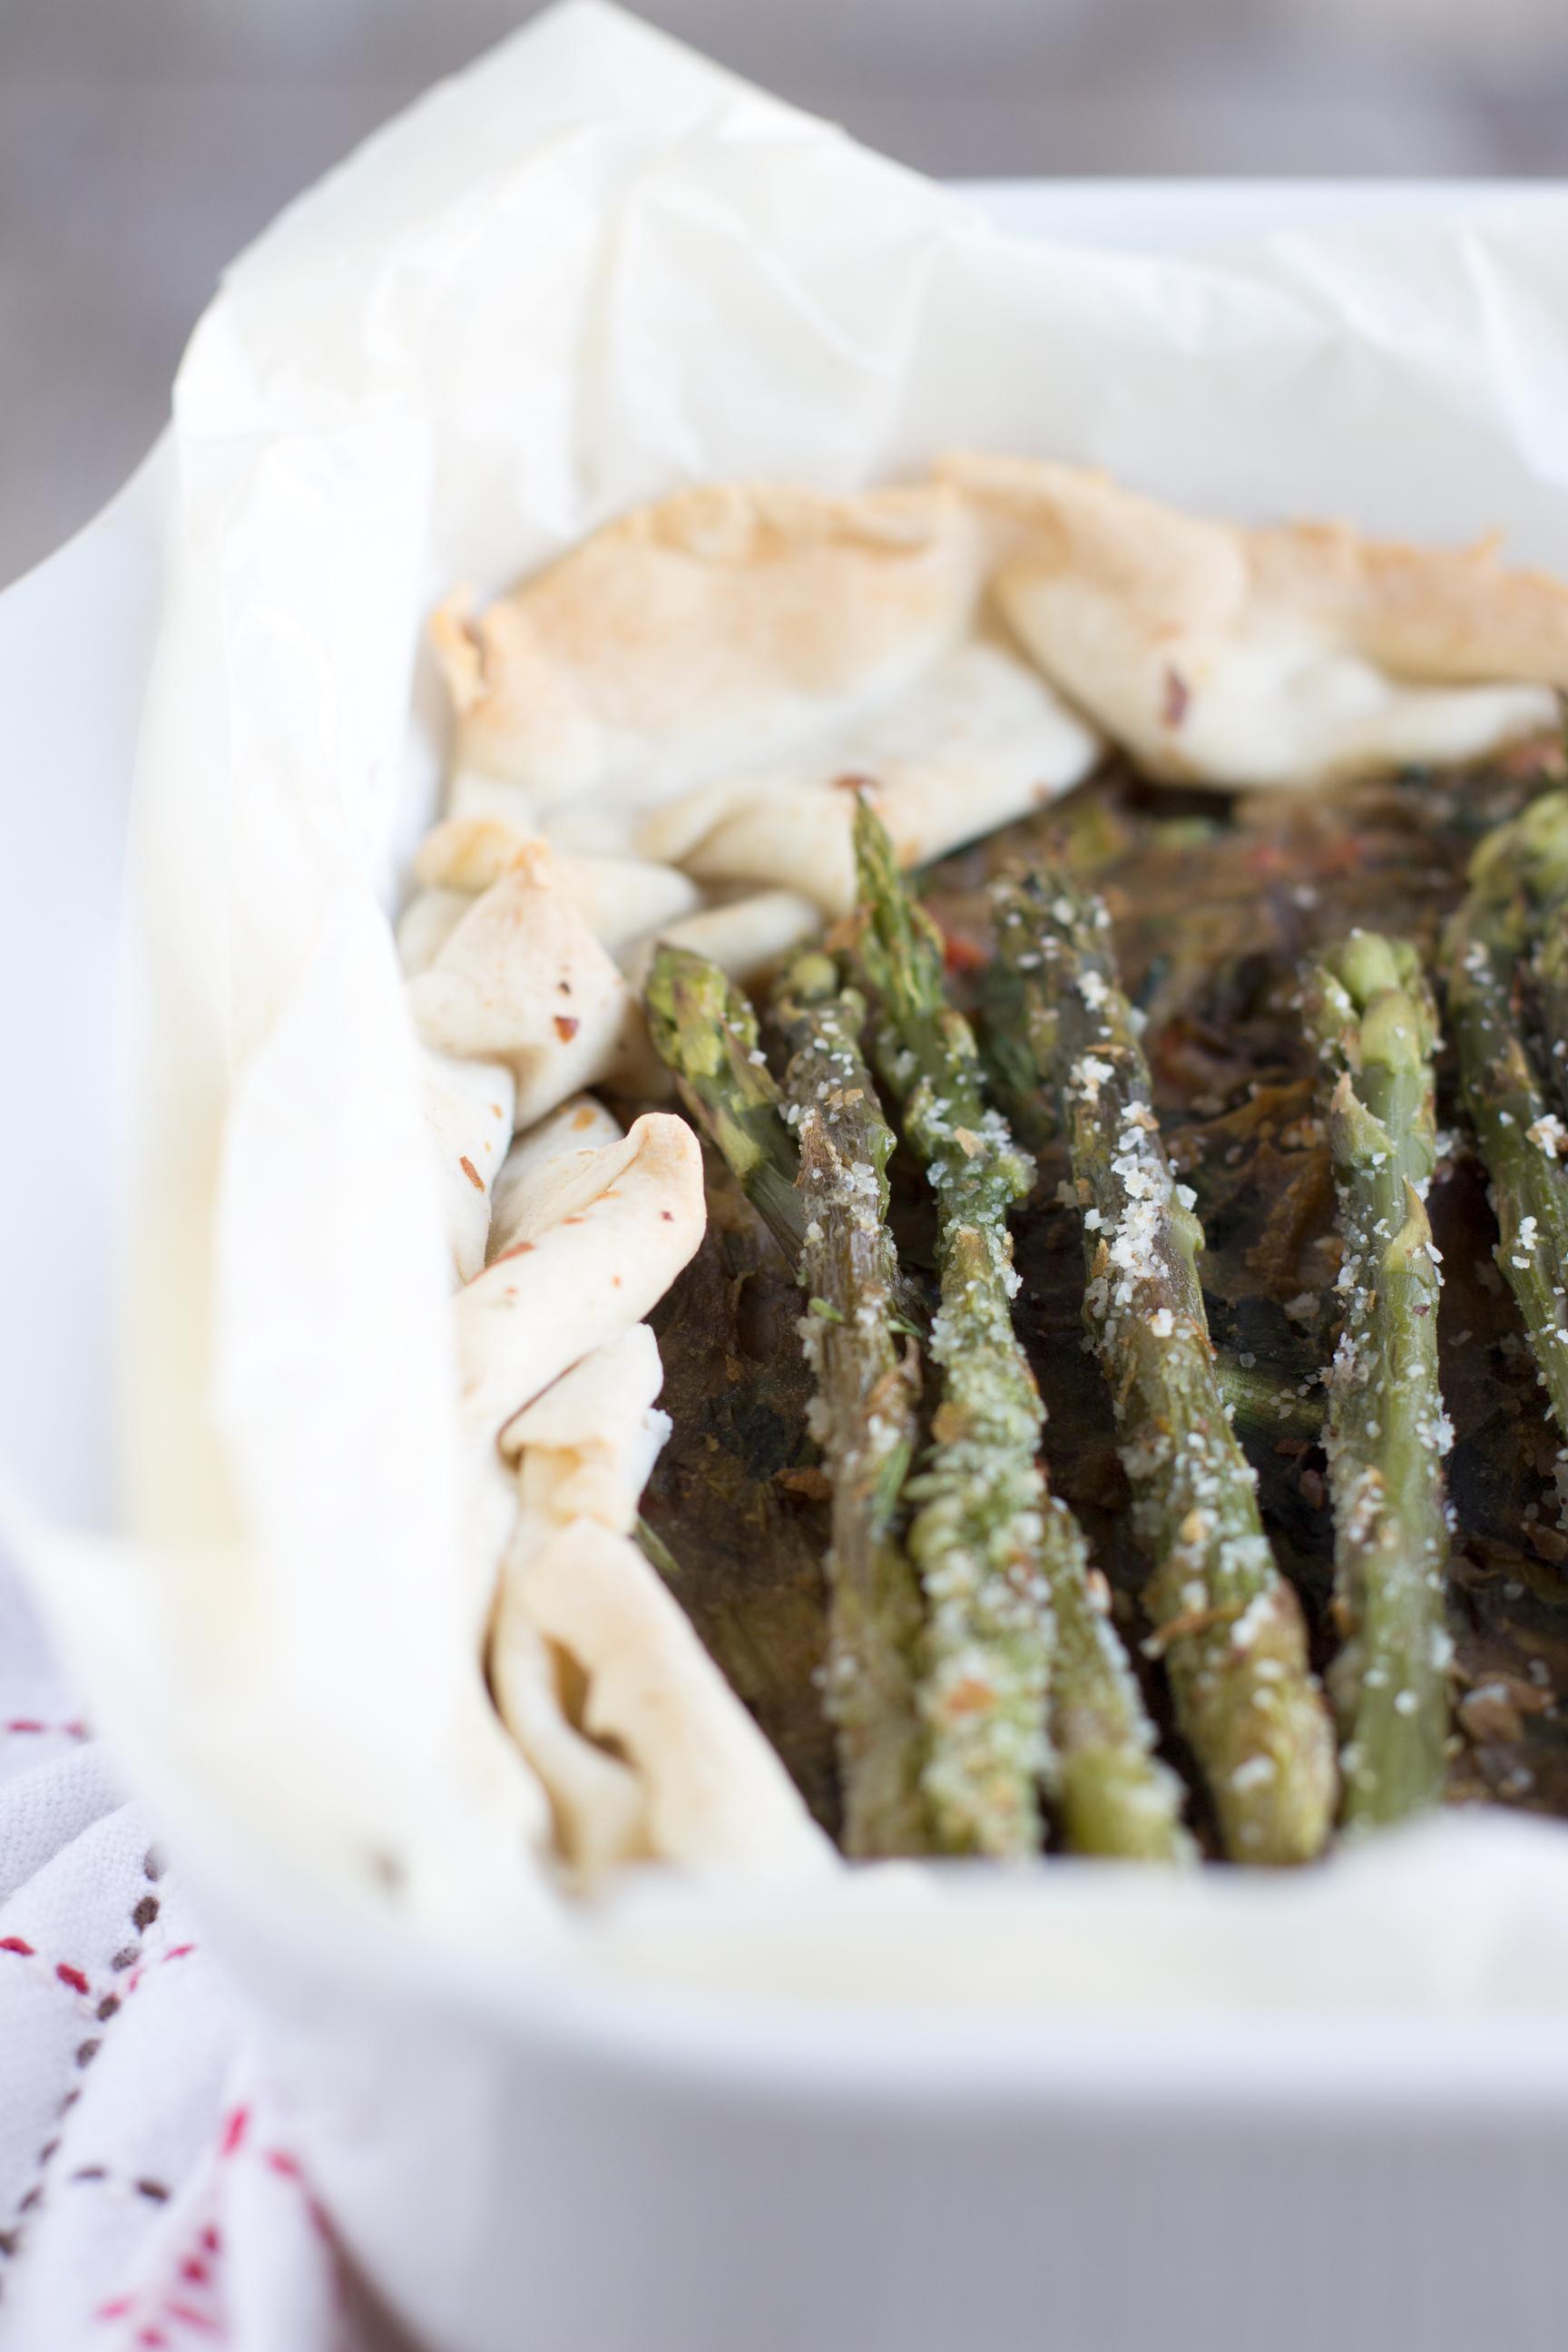 Torta salata light con farina di Kamut e asparagi gratinati, cicorino e patate #vegan # dietetico #ipocalorico